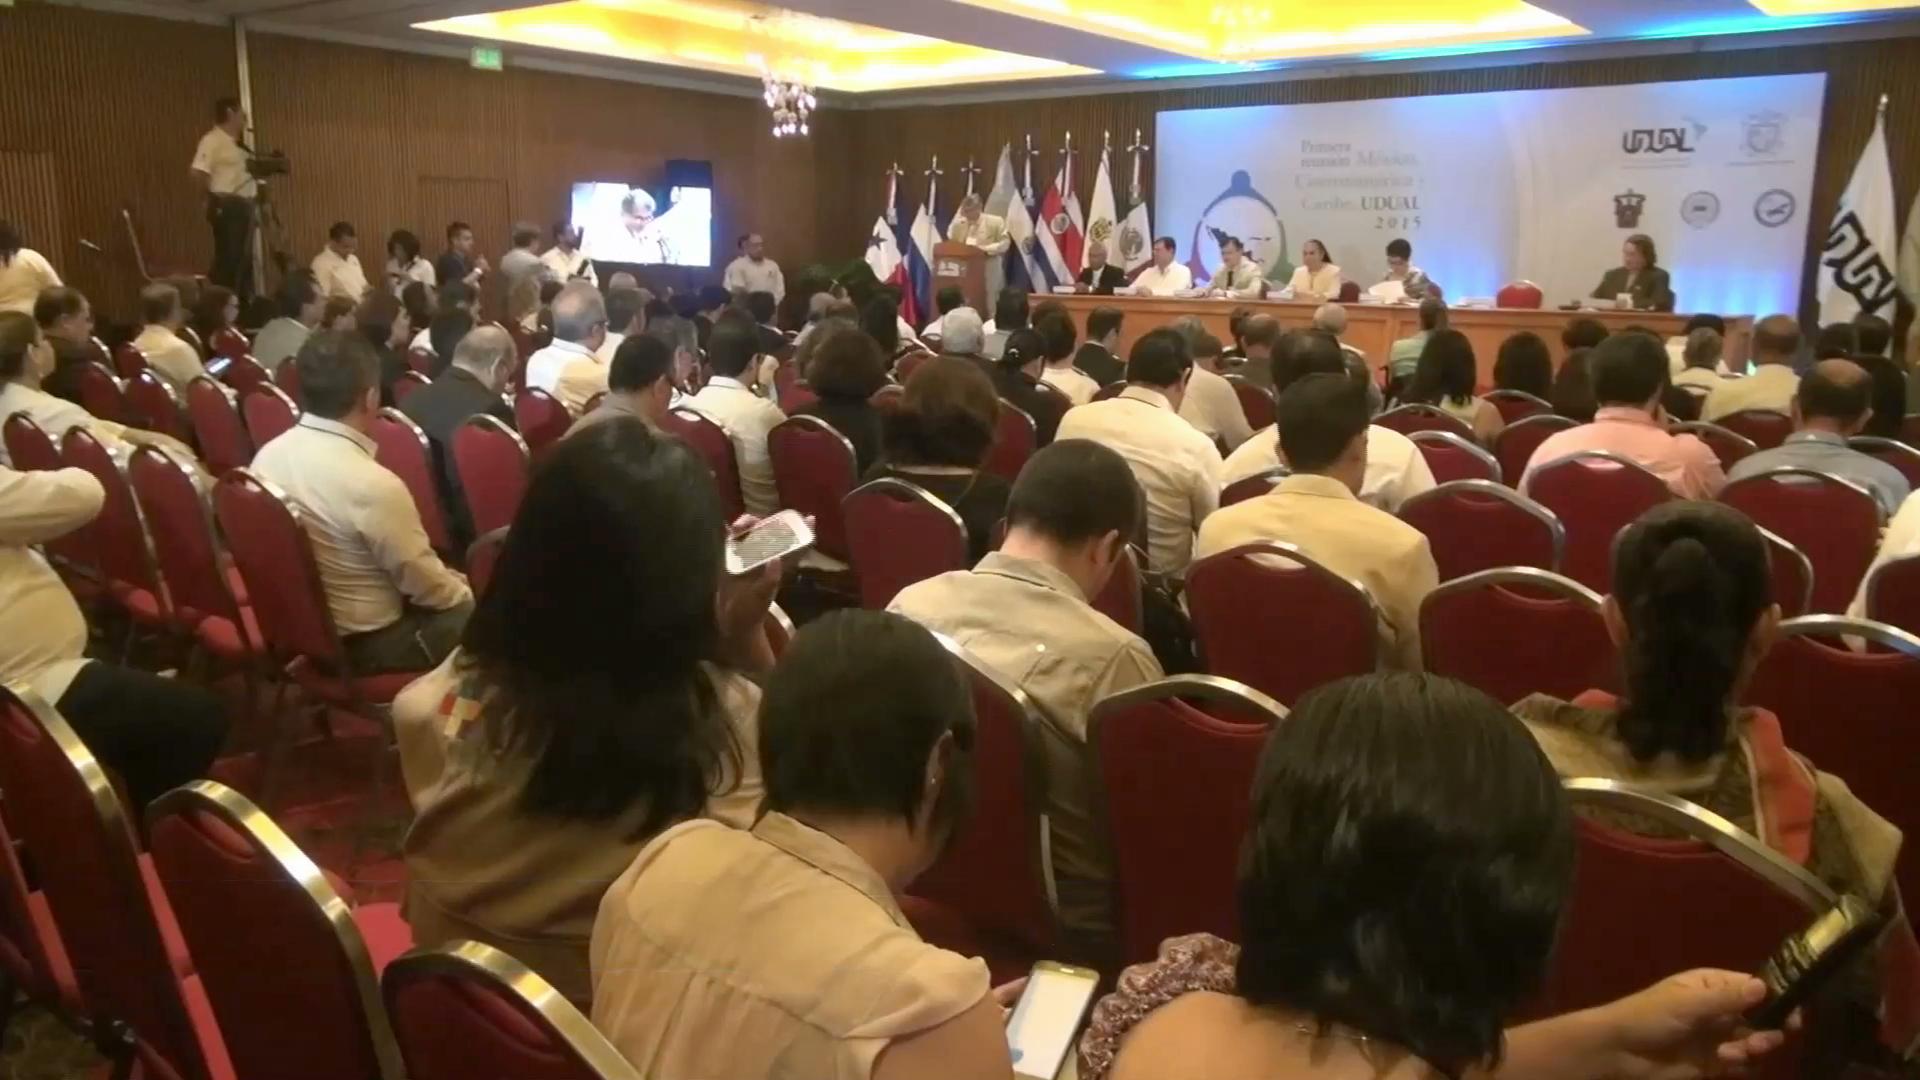 Inicia en Veracruz la I Reunión de Universidades de América Latina y el Caribe